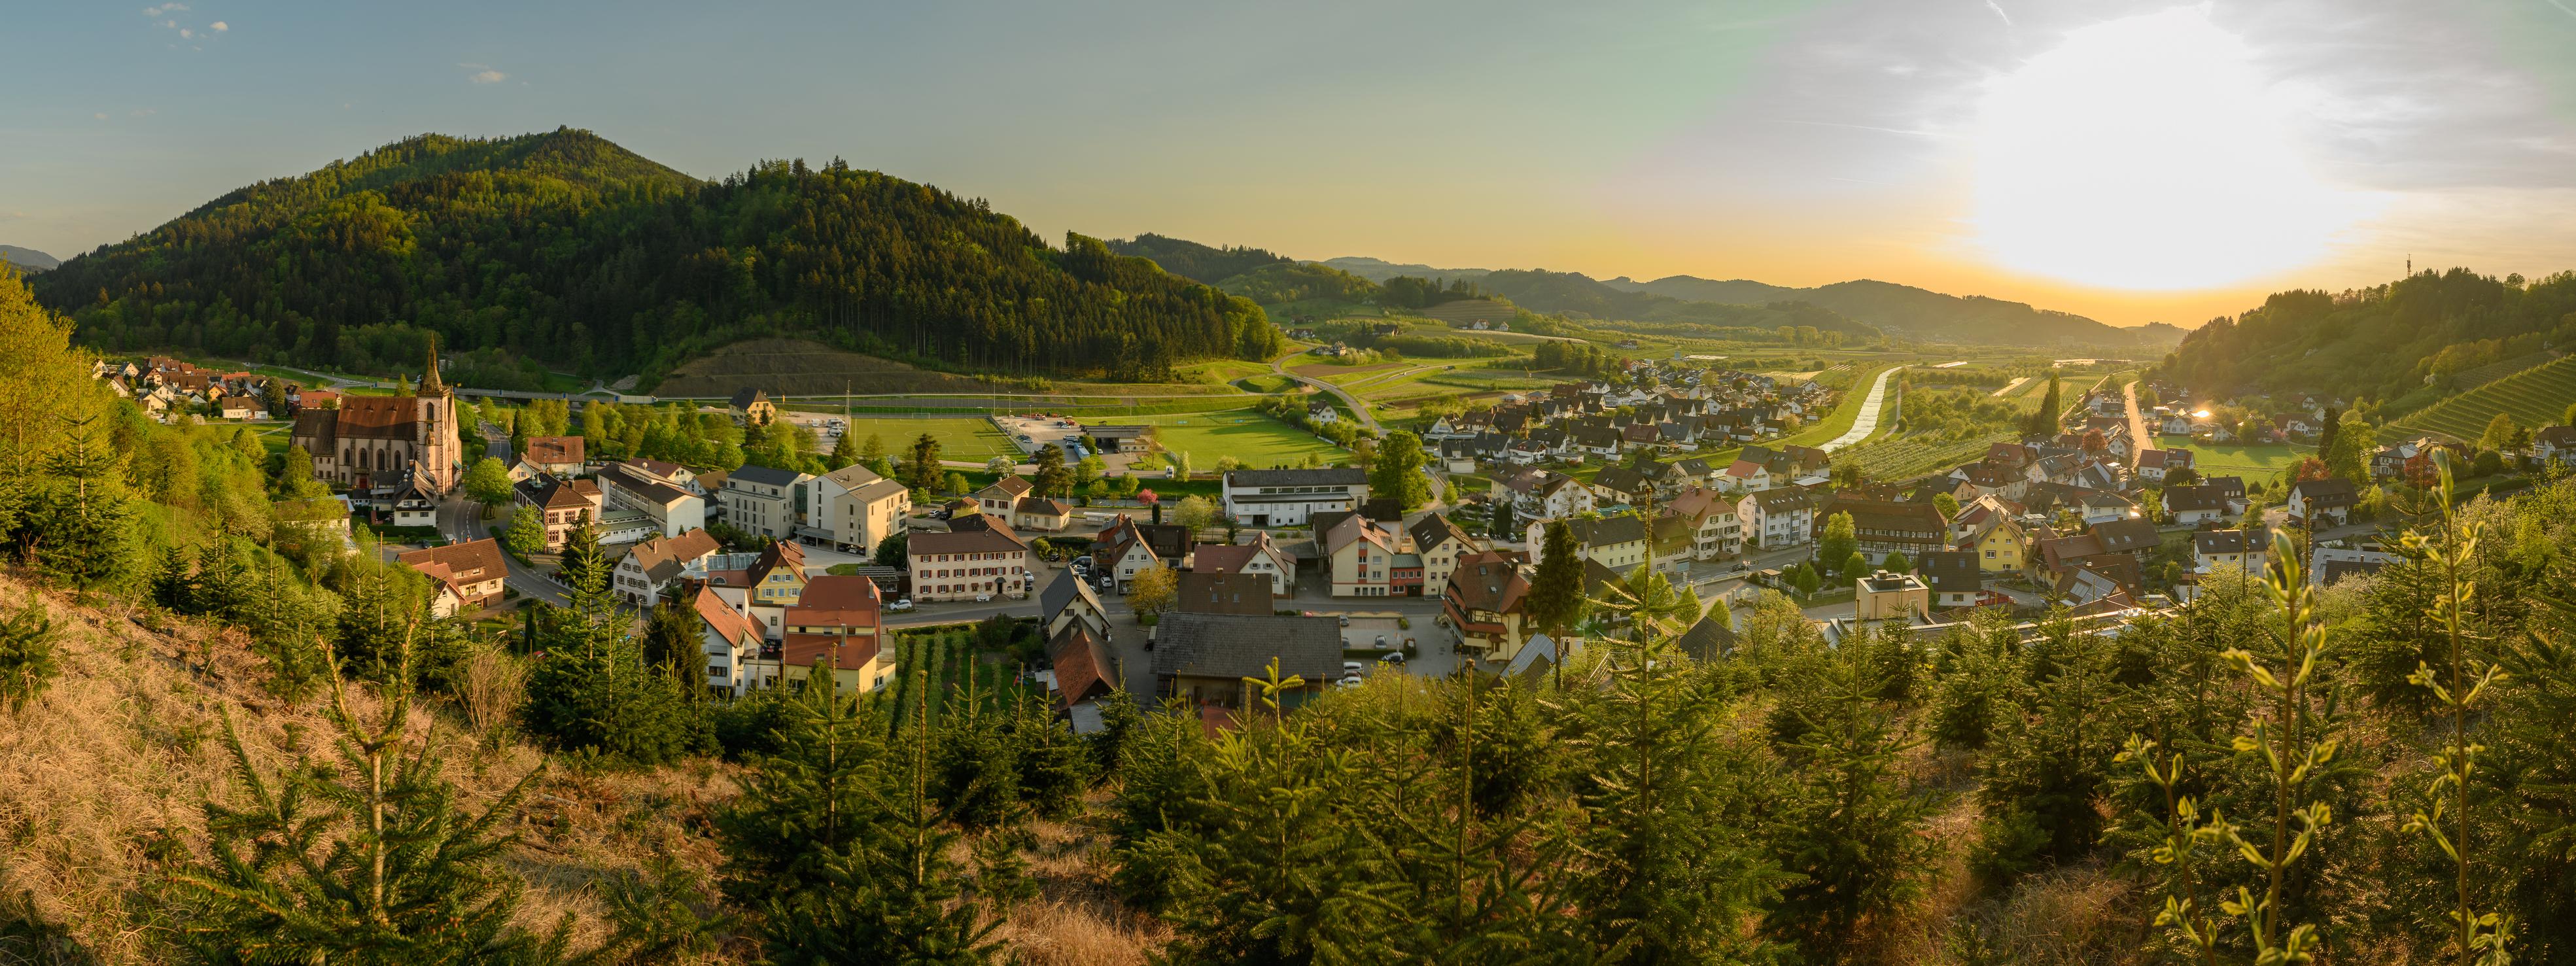 Der Blick auf Lautenbach © Manfred Huber